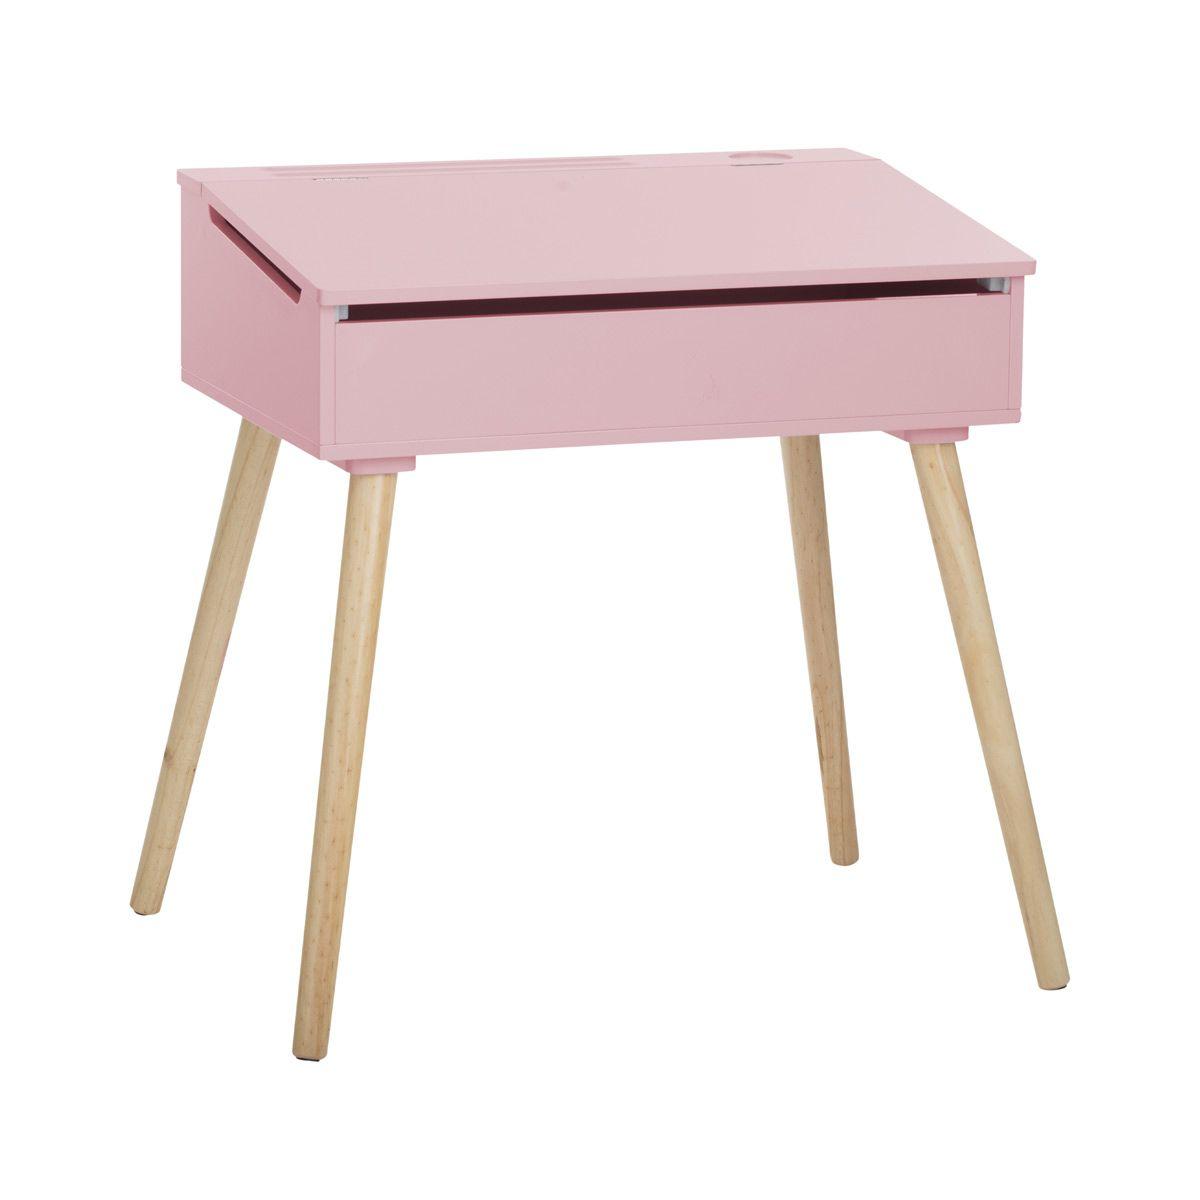 Bureau enfant pupitre rose et bois